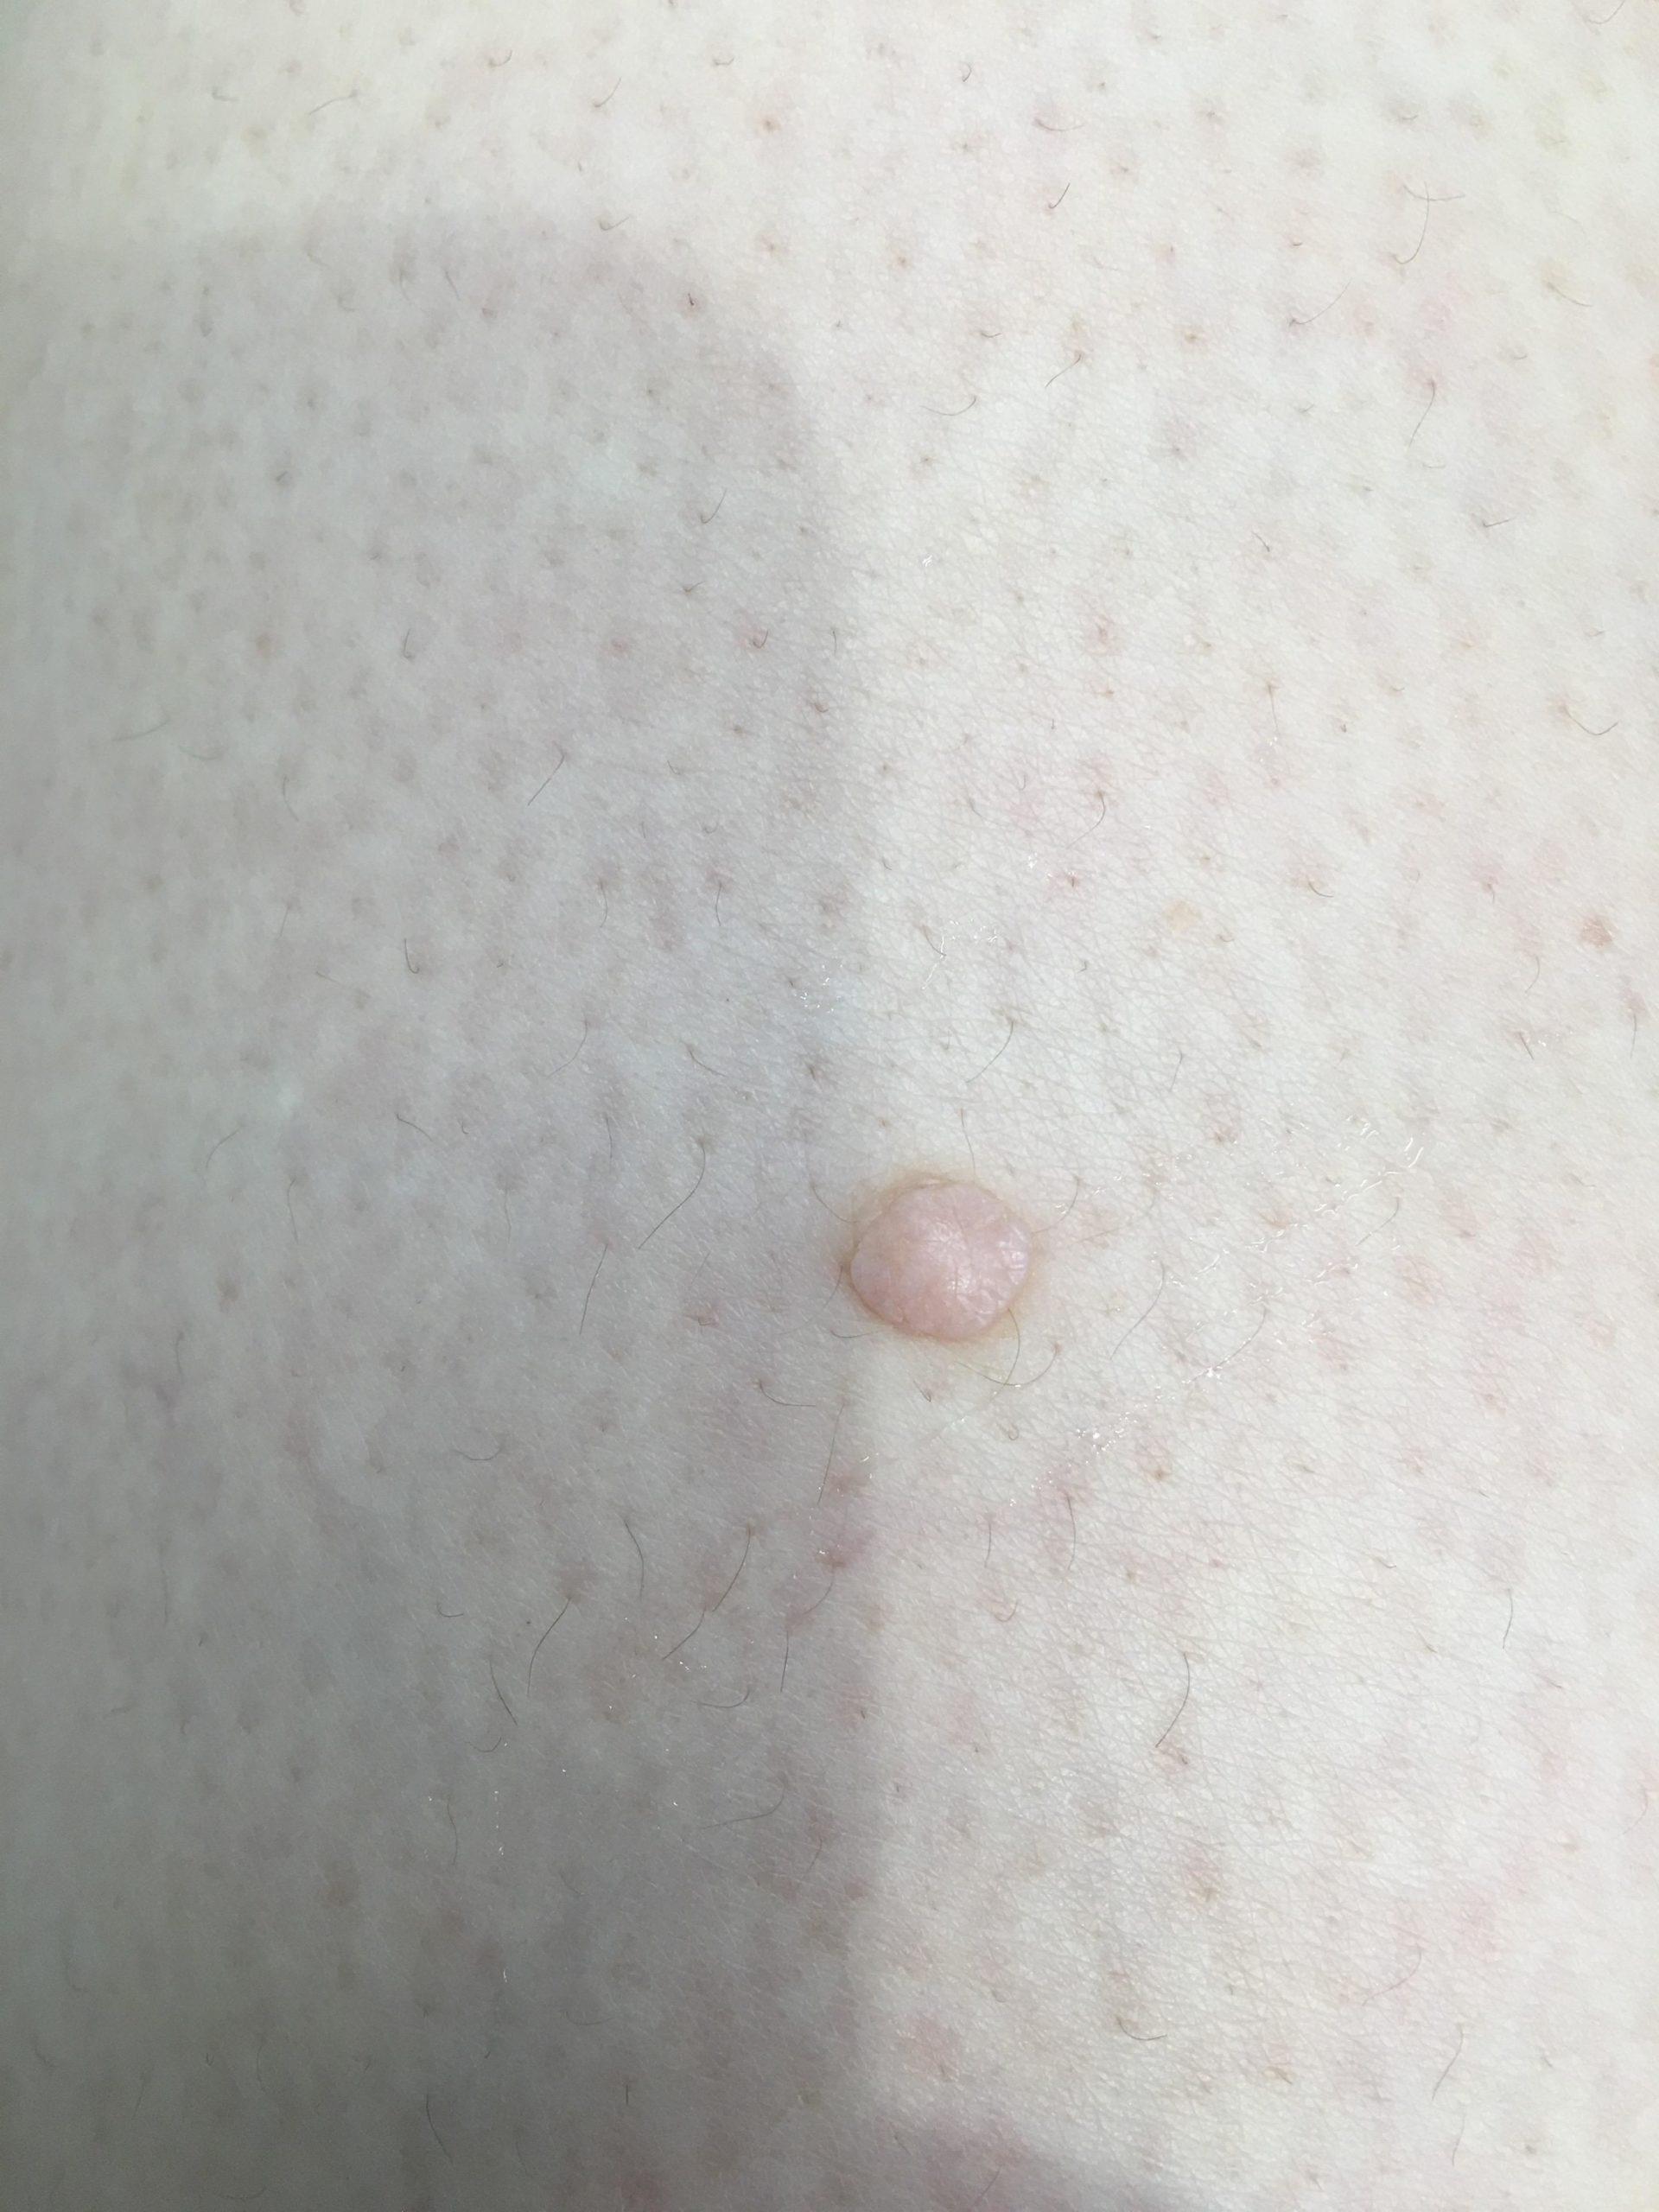 ふとももの乳頭腫